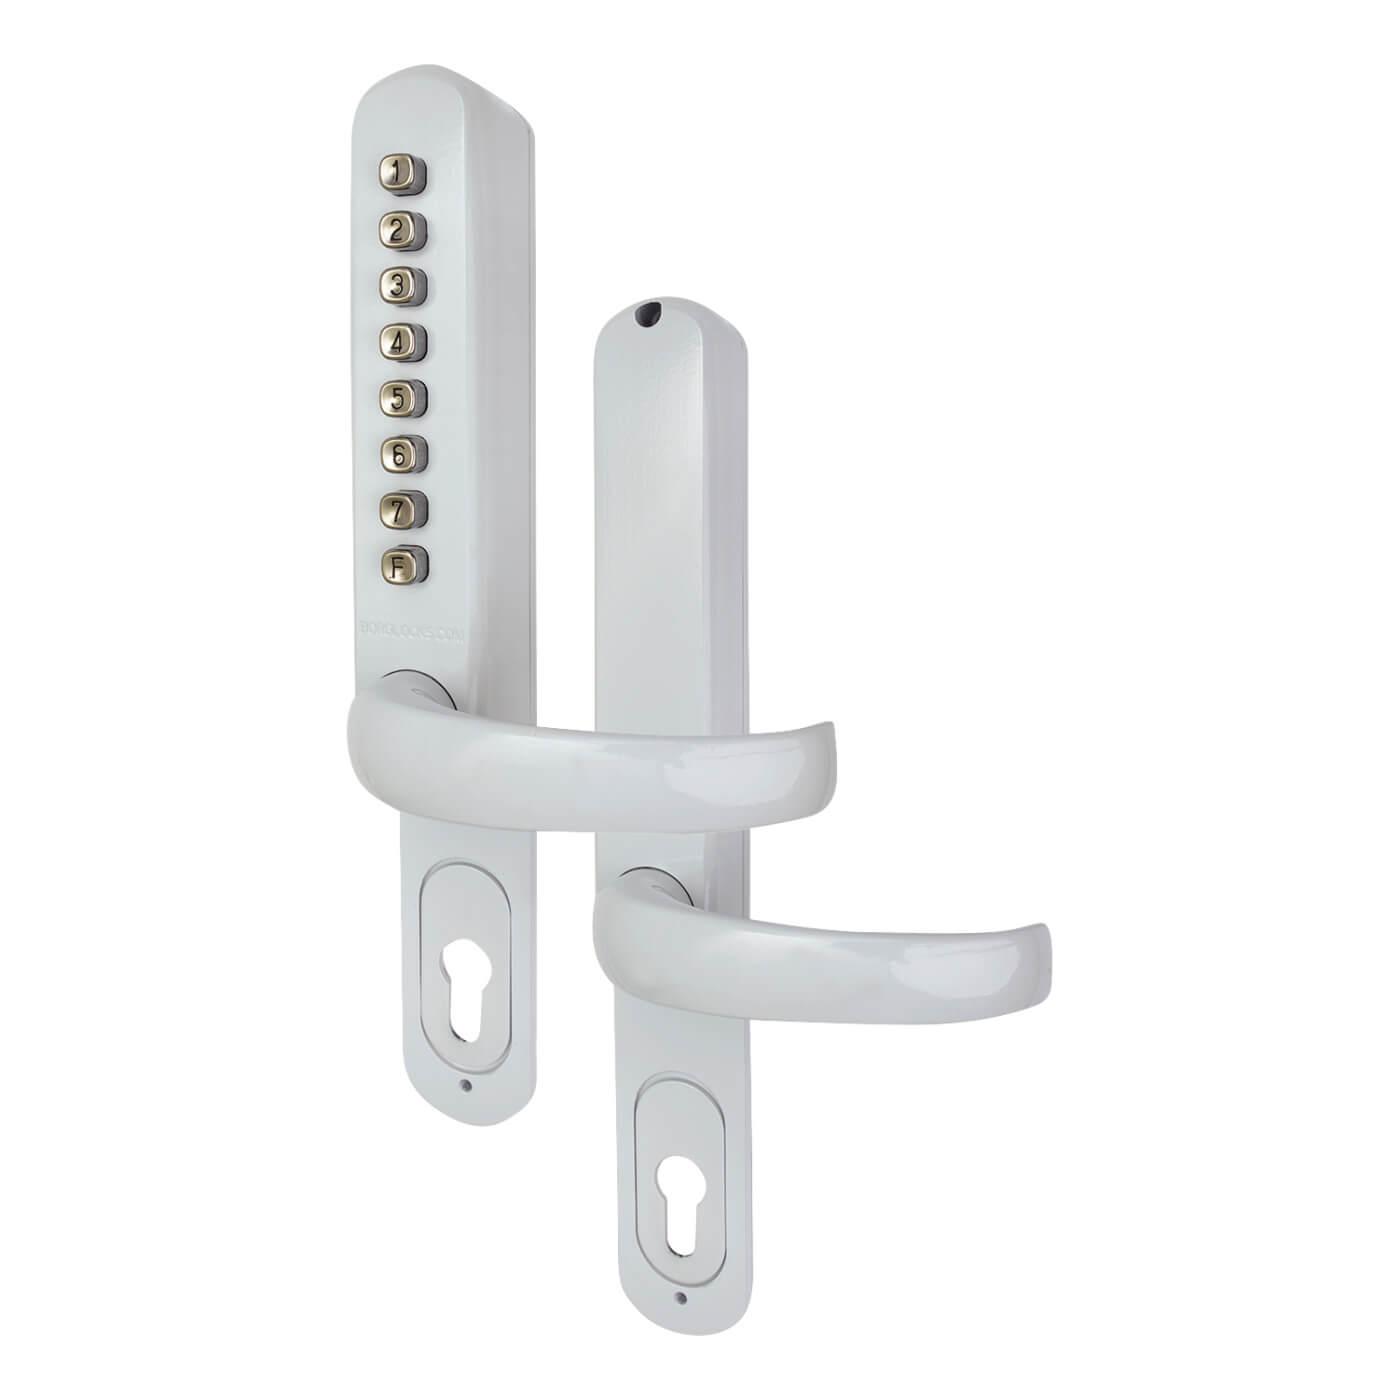 Borg BL6100 Code Lock for Multipoint locks - White)